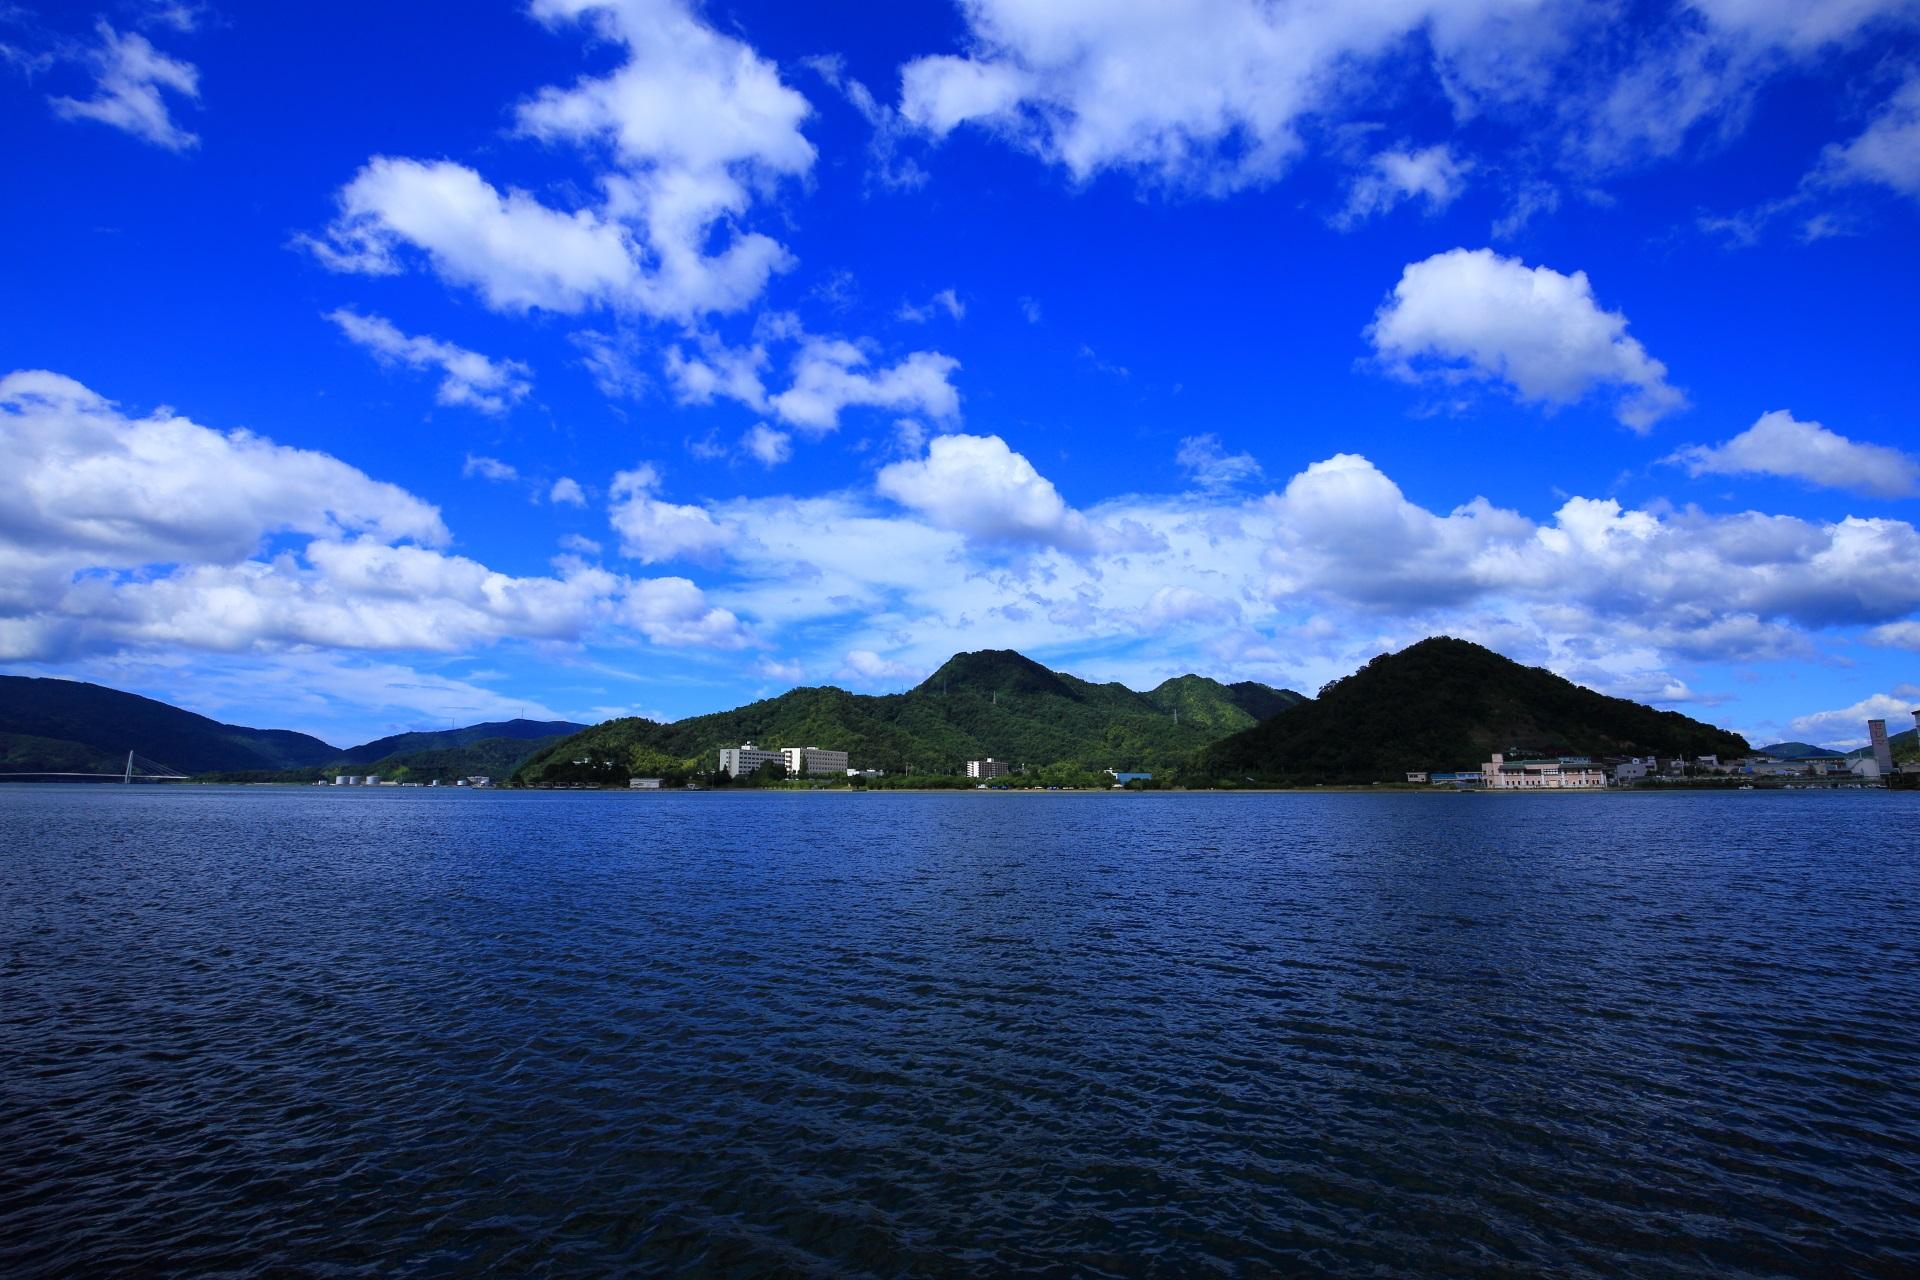 青空と雲が綺麗な舞鶴東港